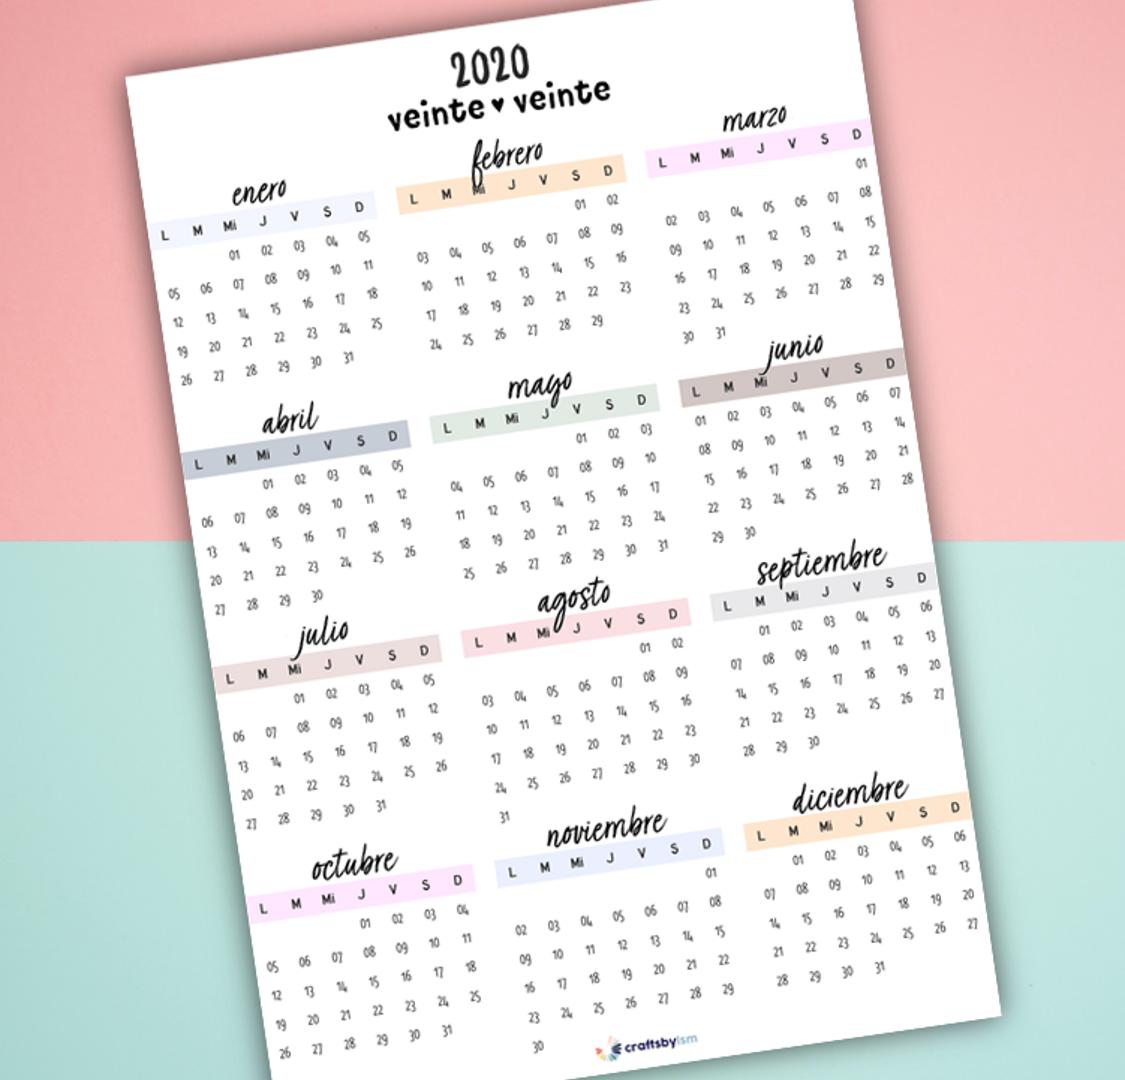 calendarioanualveinte